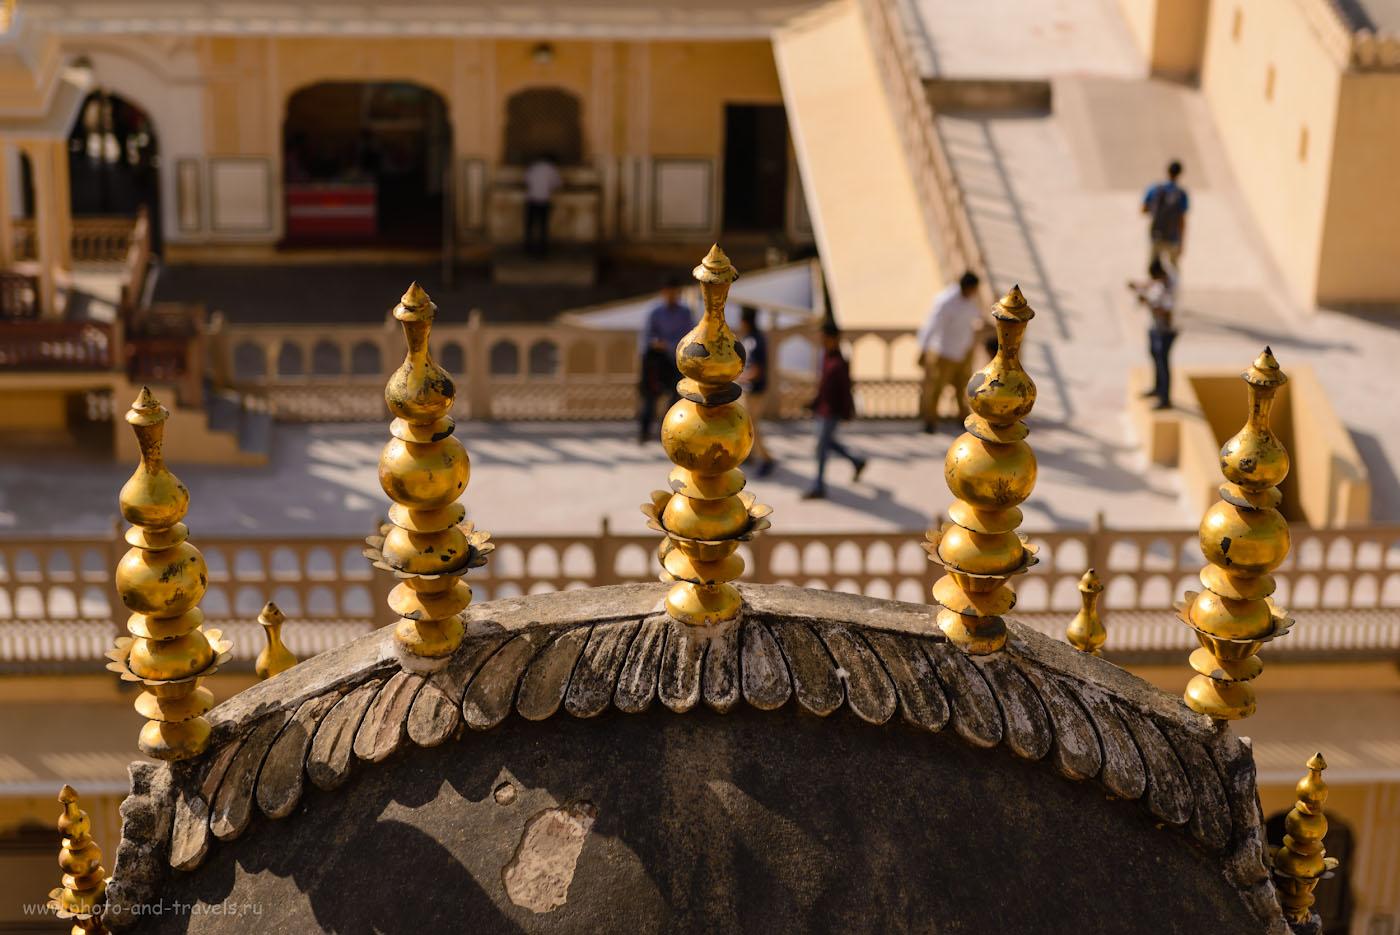 Фотография 15. Украшения на башенках Дворца ветров в Джайпуре. Поездка по Золотому треугольнику Индии. 1/1200, -0.67, 4.0, 100, 70.